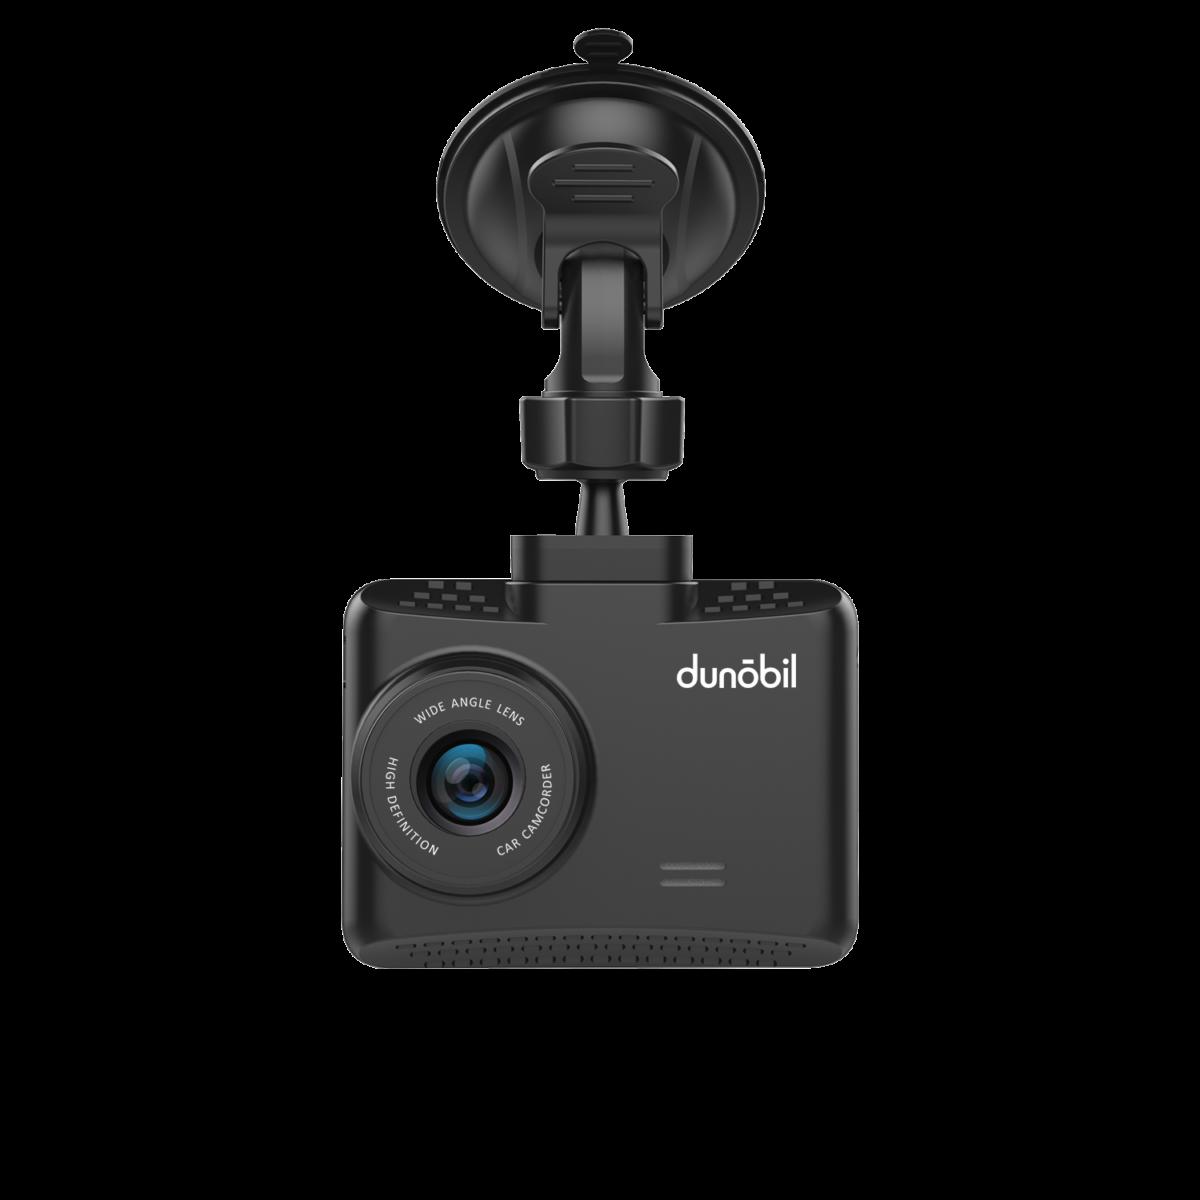 Предварительный обзор двухканального видеорегистратора Dunobil Cultus Duo © Техномод